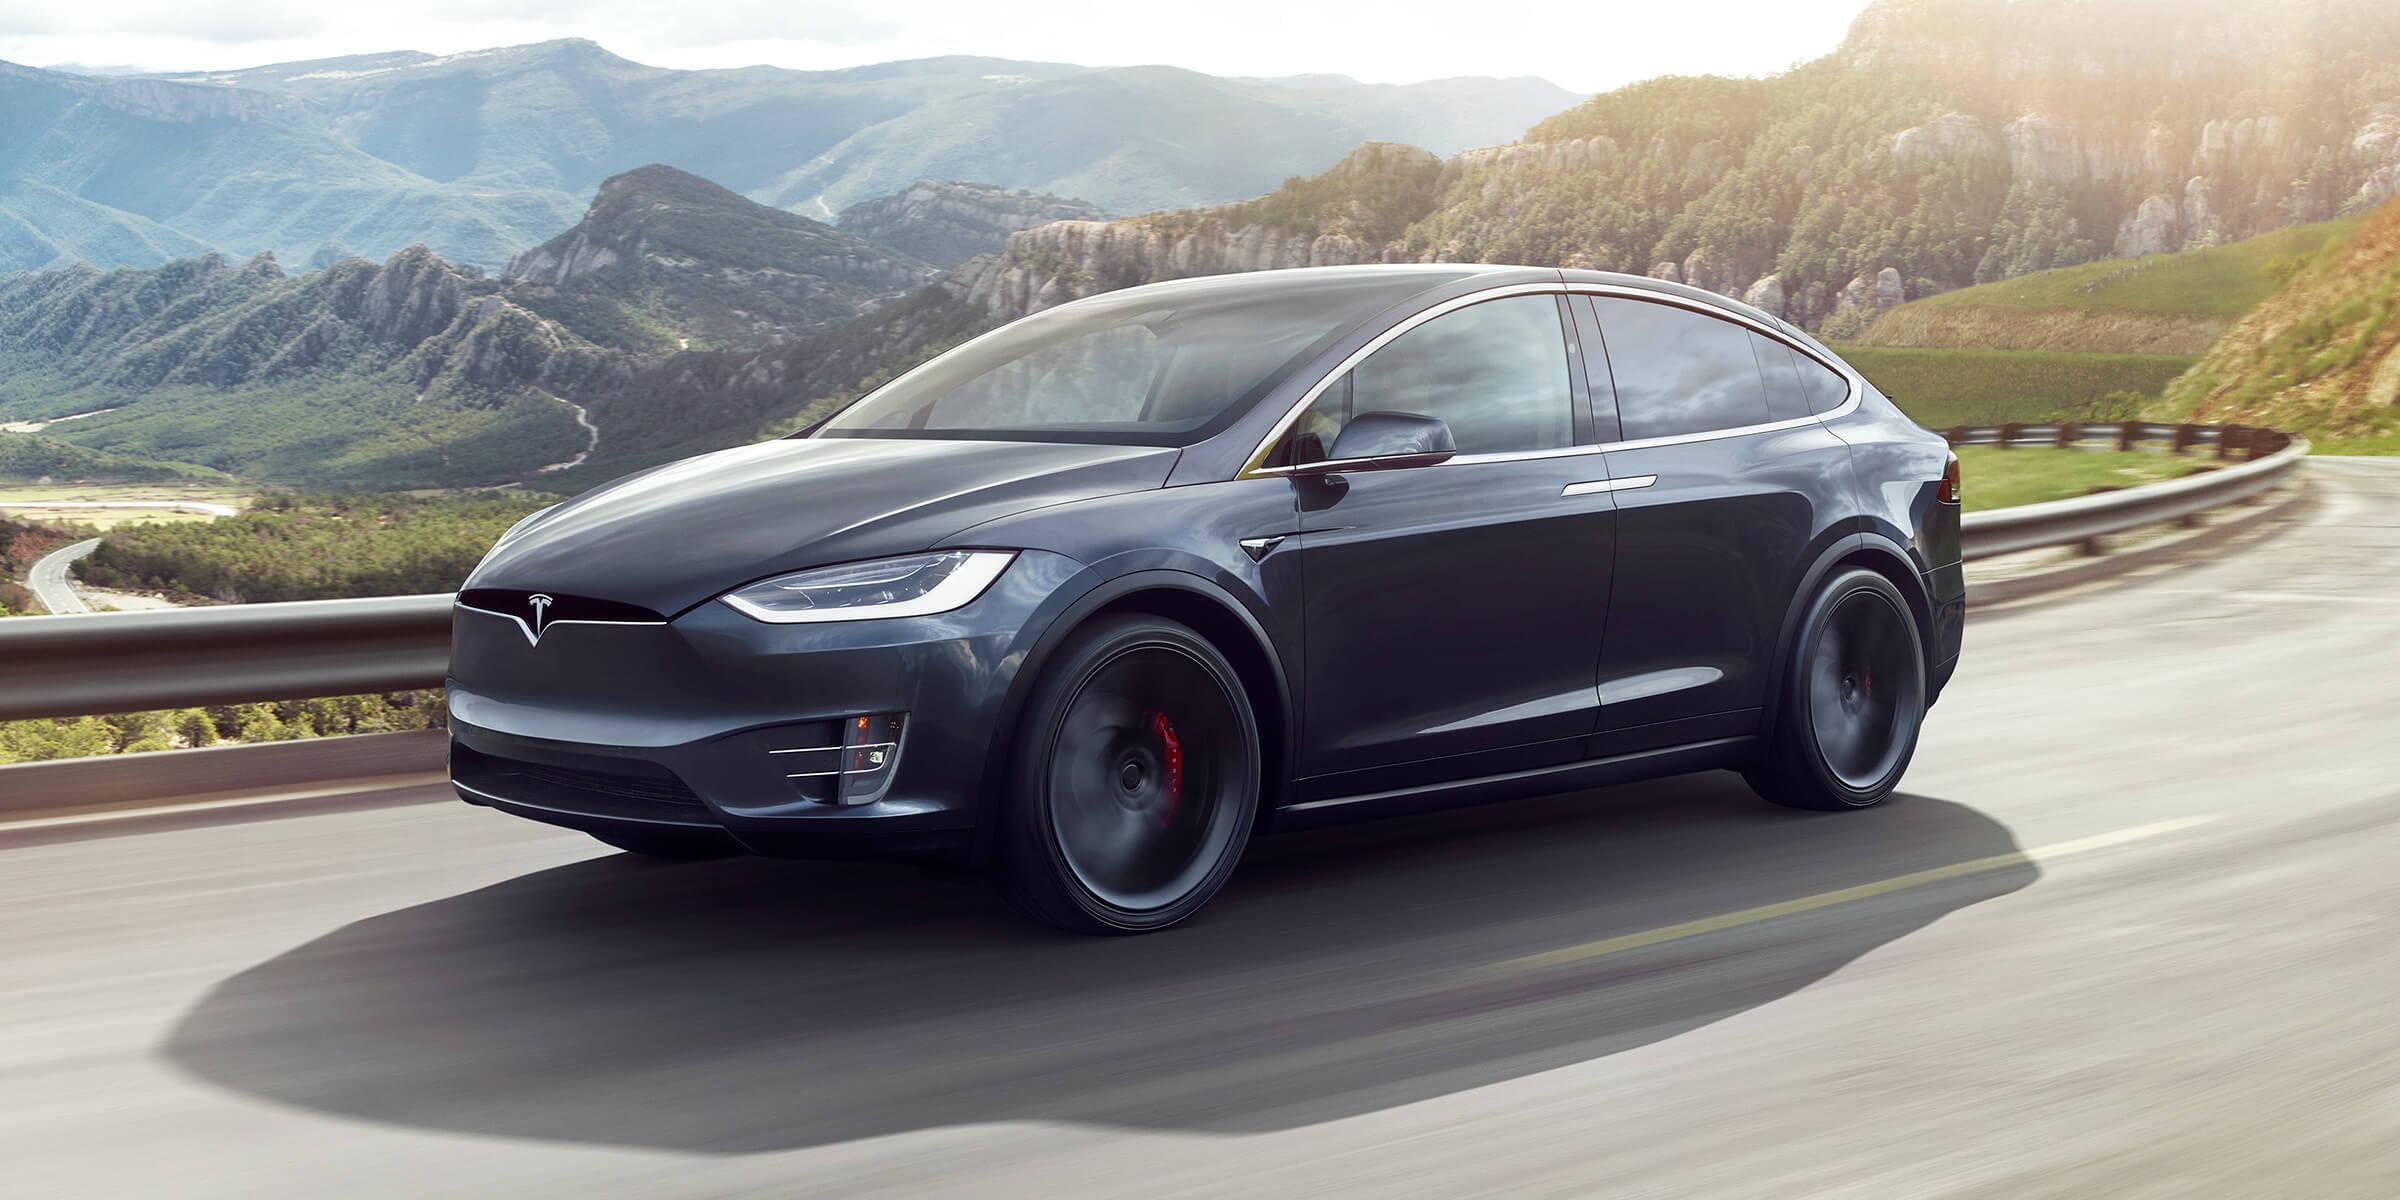 Tesla научились угонять за 90 секунд из-за «дыры» в прошивке